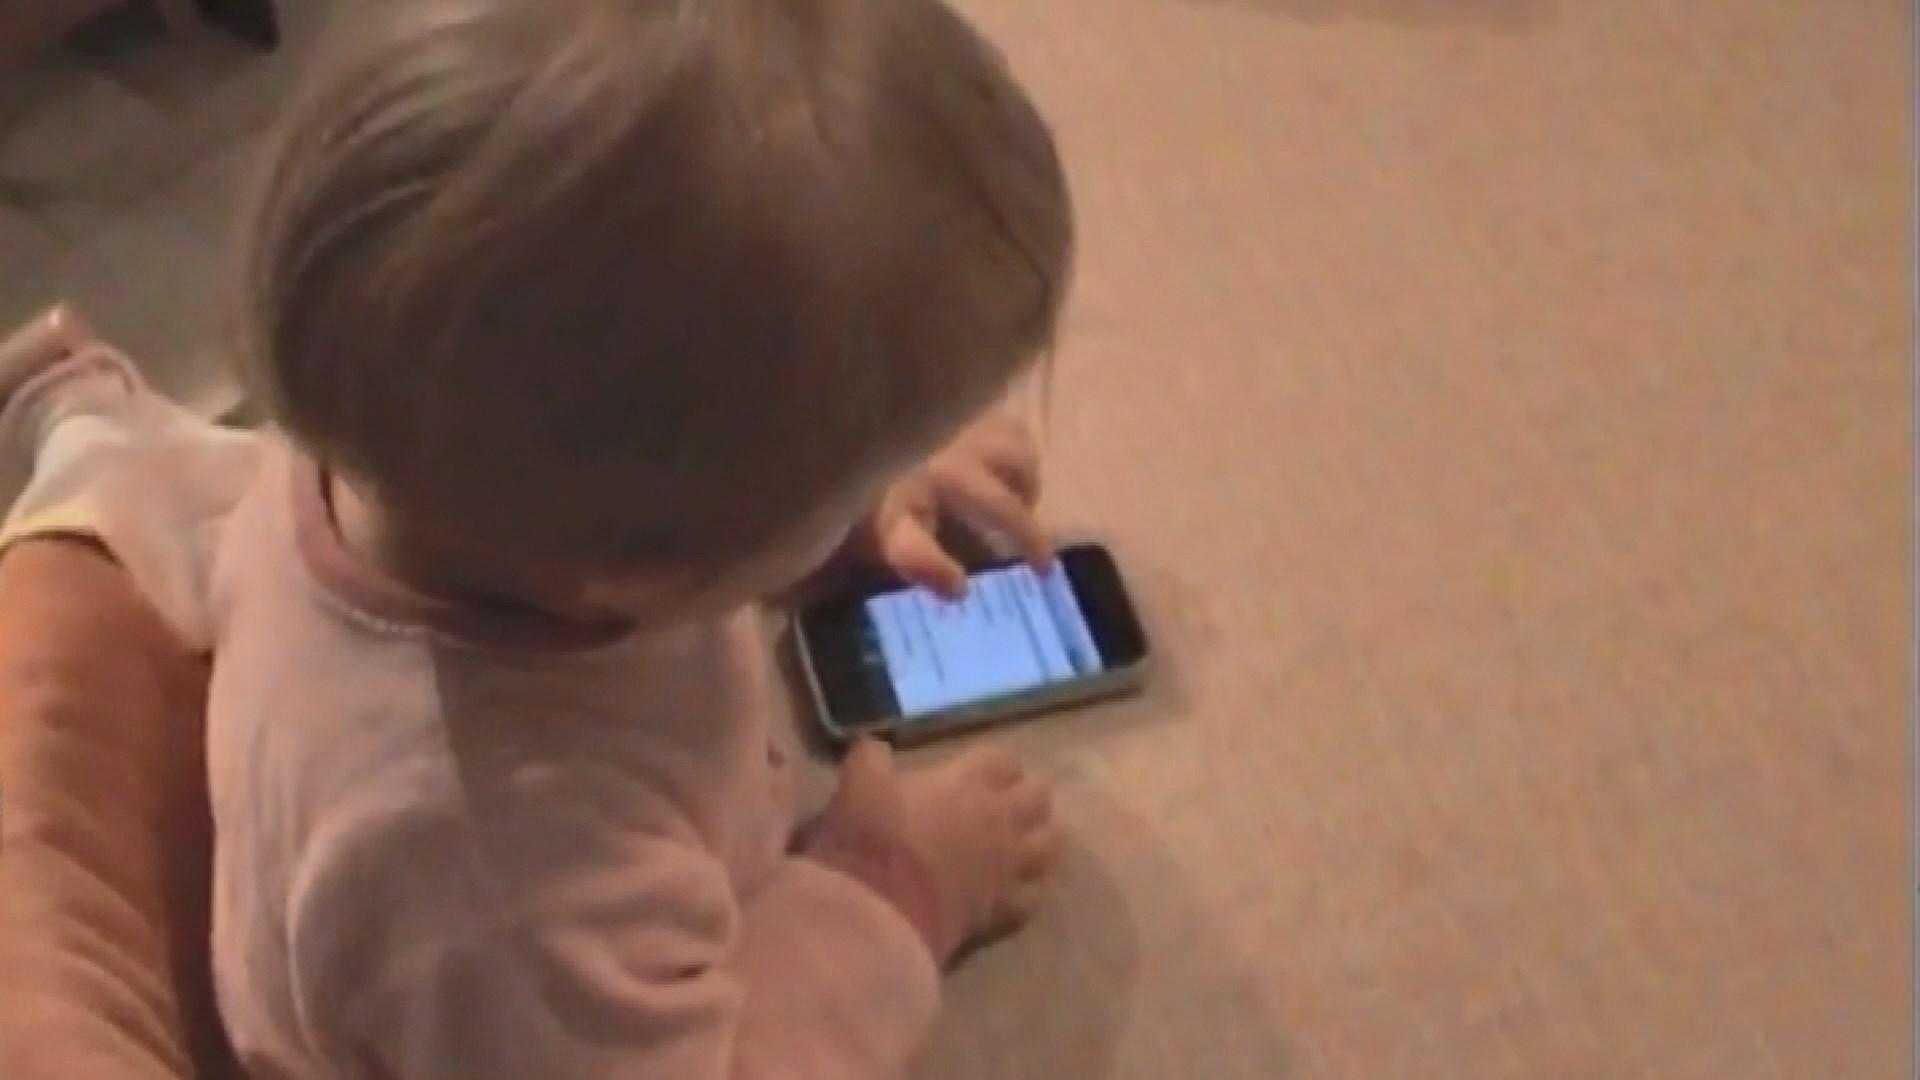 【環球薈報】世衞建議一歲以下嬰兒遠離電子屏幕